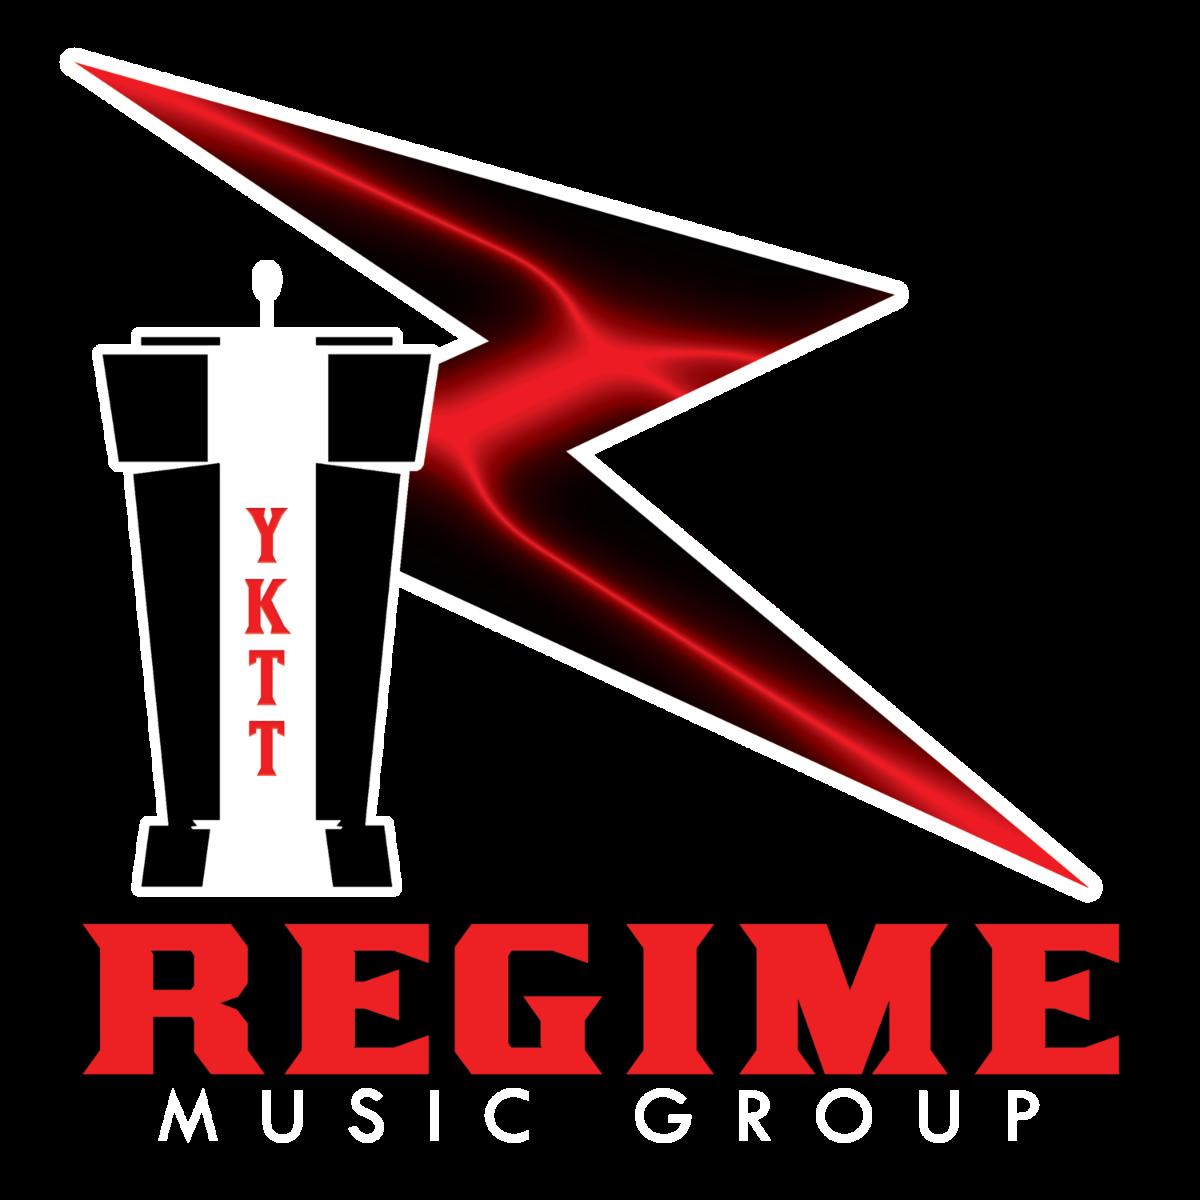 Regime-Logo_FINAL3.png